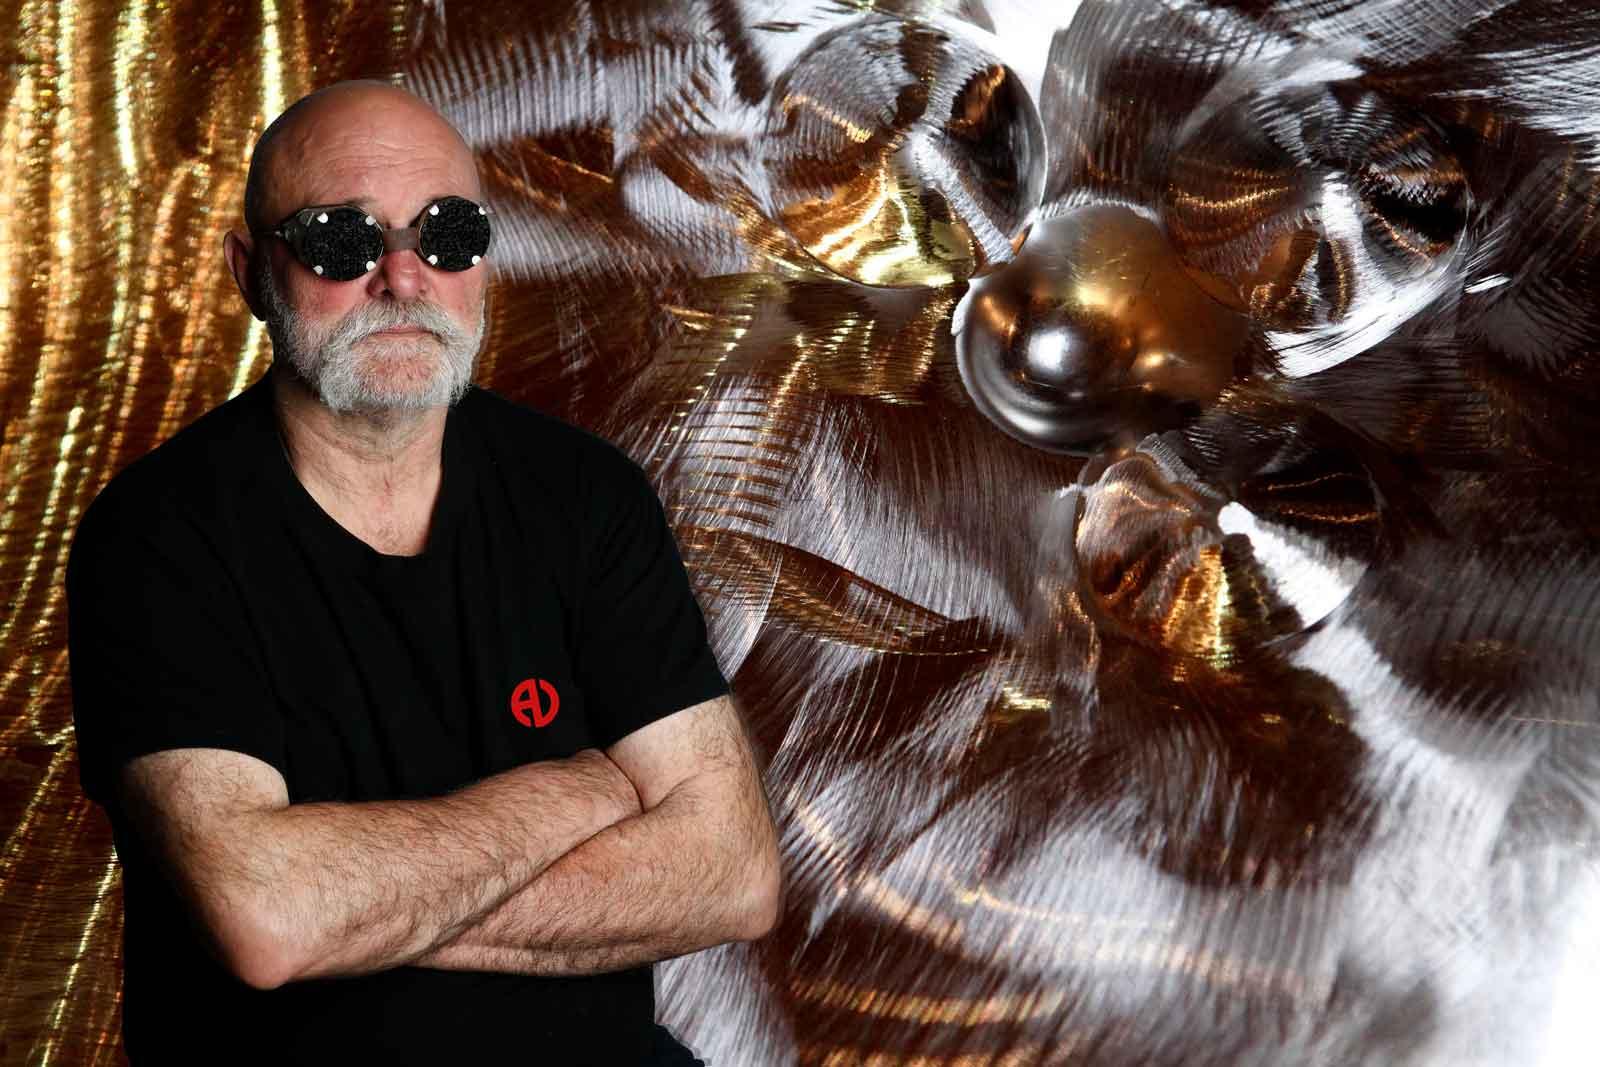 Alain Vuillemet sculpteur portrait de l'artiste